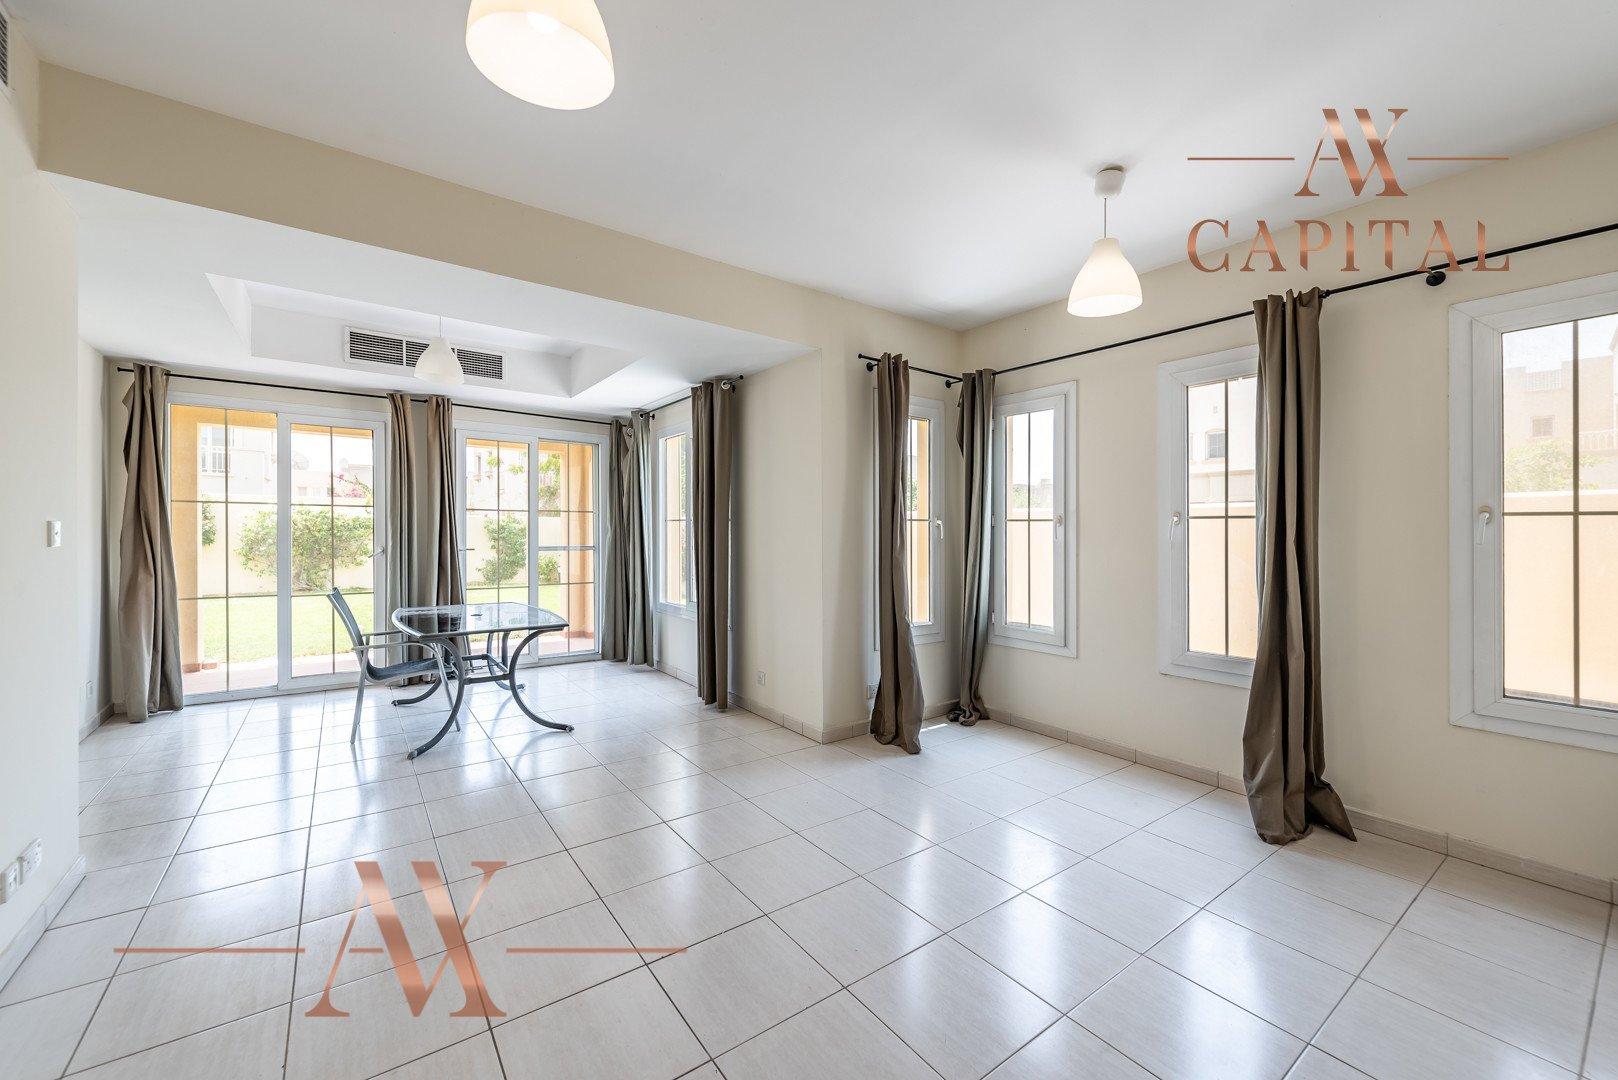 Villa for sale in Dubai, UAE, 2 bedrooms, 166.7 m2, No. 23769 – photo 1